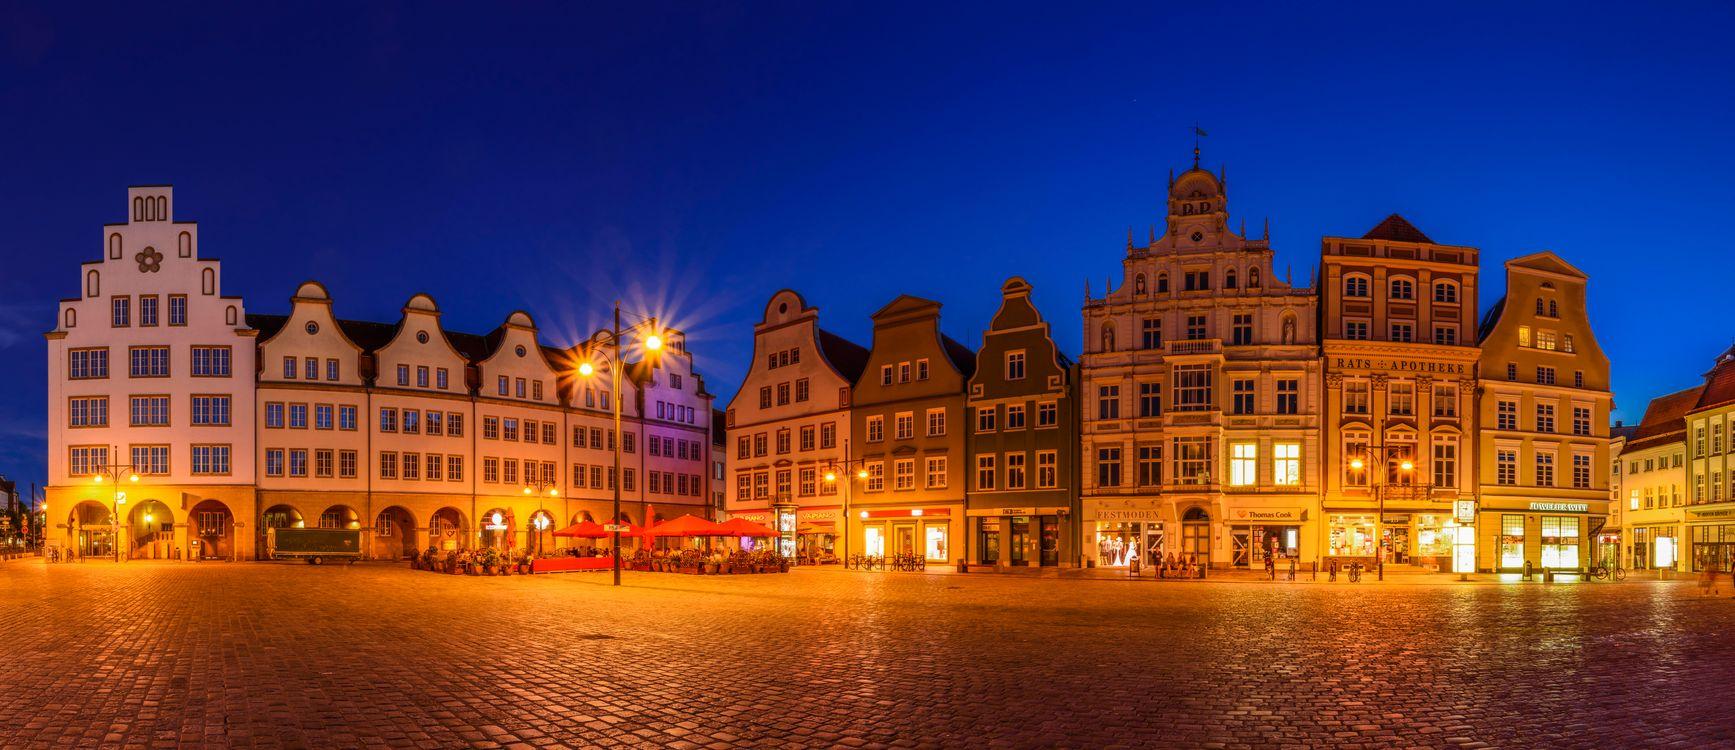 Фото бесплатно Мекленбург-Передняя Померания, Германия, Ратуша - на рабочий стол